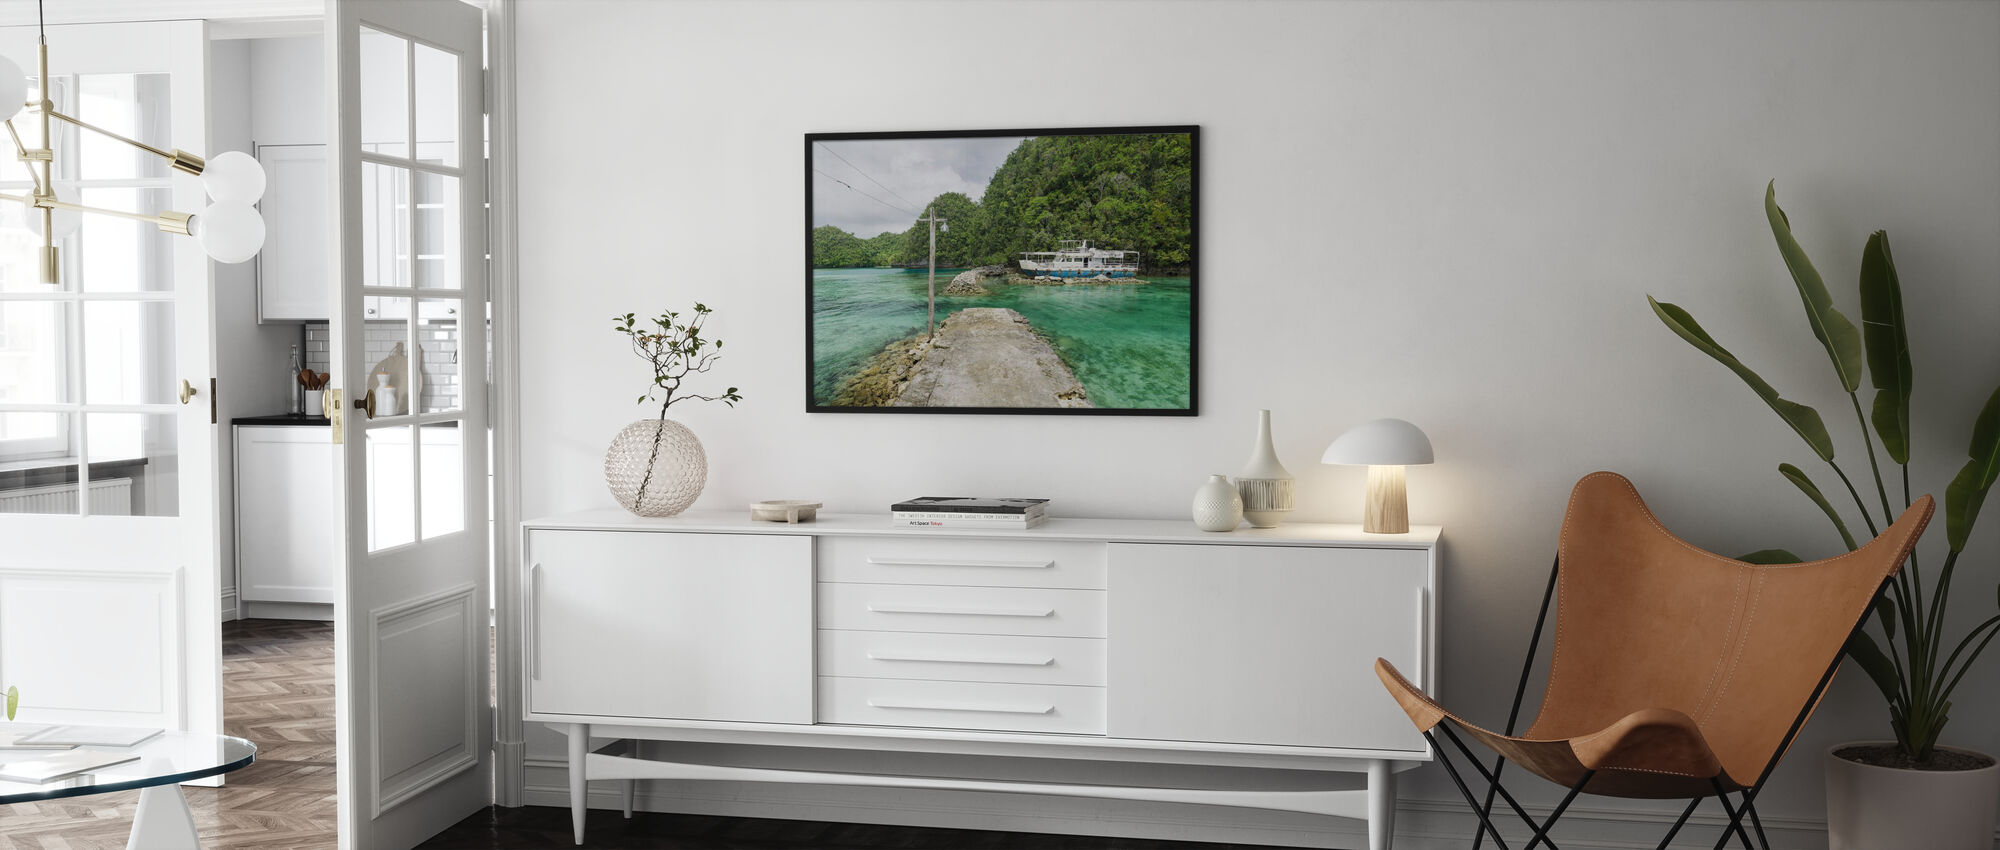 Crystal Clear Waters of Bucas Grande - Poster - Living Room